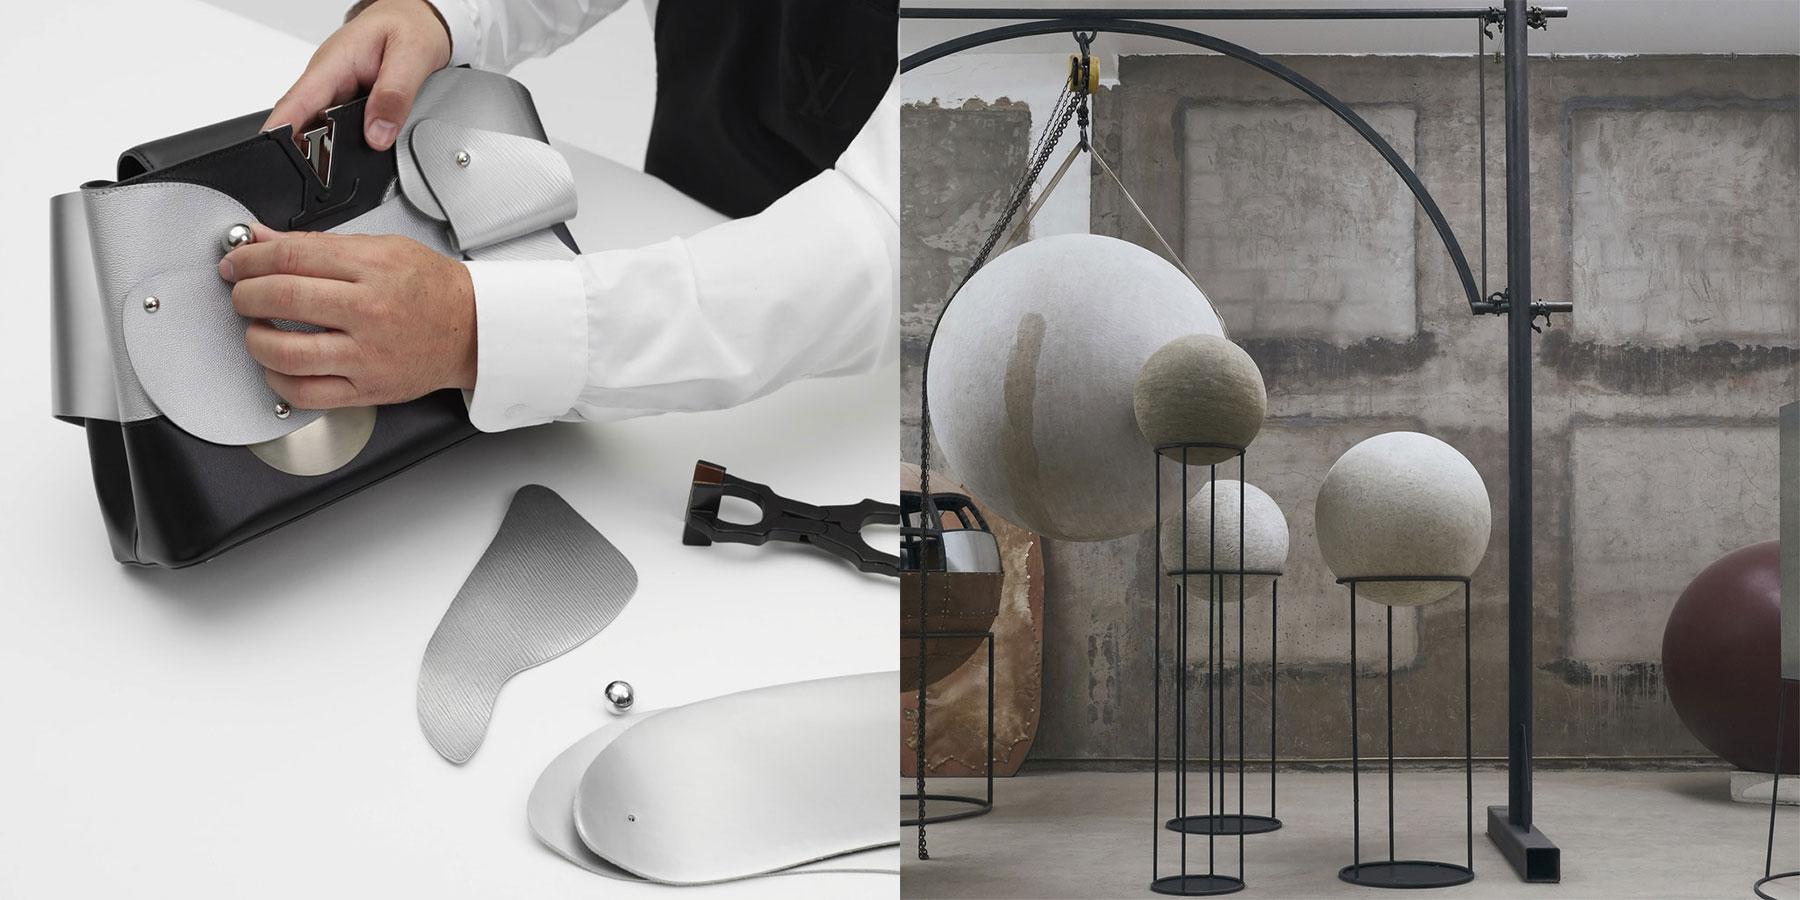 Louis Vuitton ra mắt 6 mẫu Artycapucines của các nghệ sĩ qua dòng túi Capucine - 15